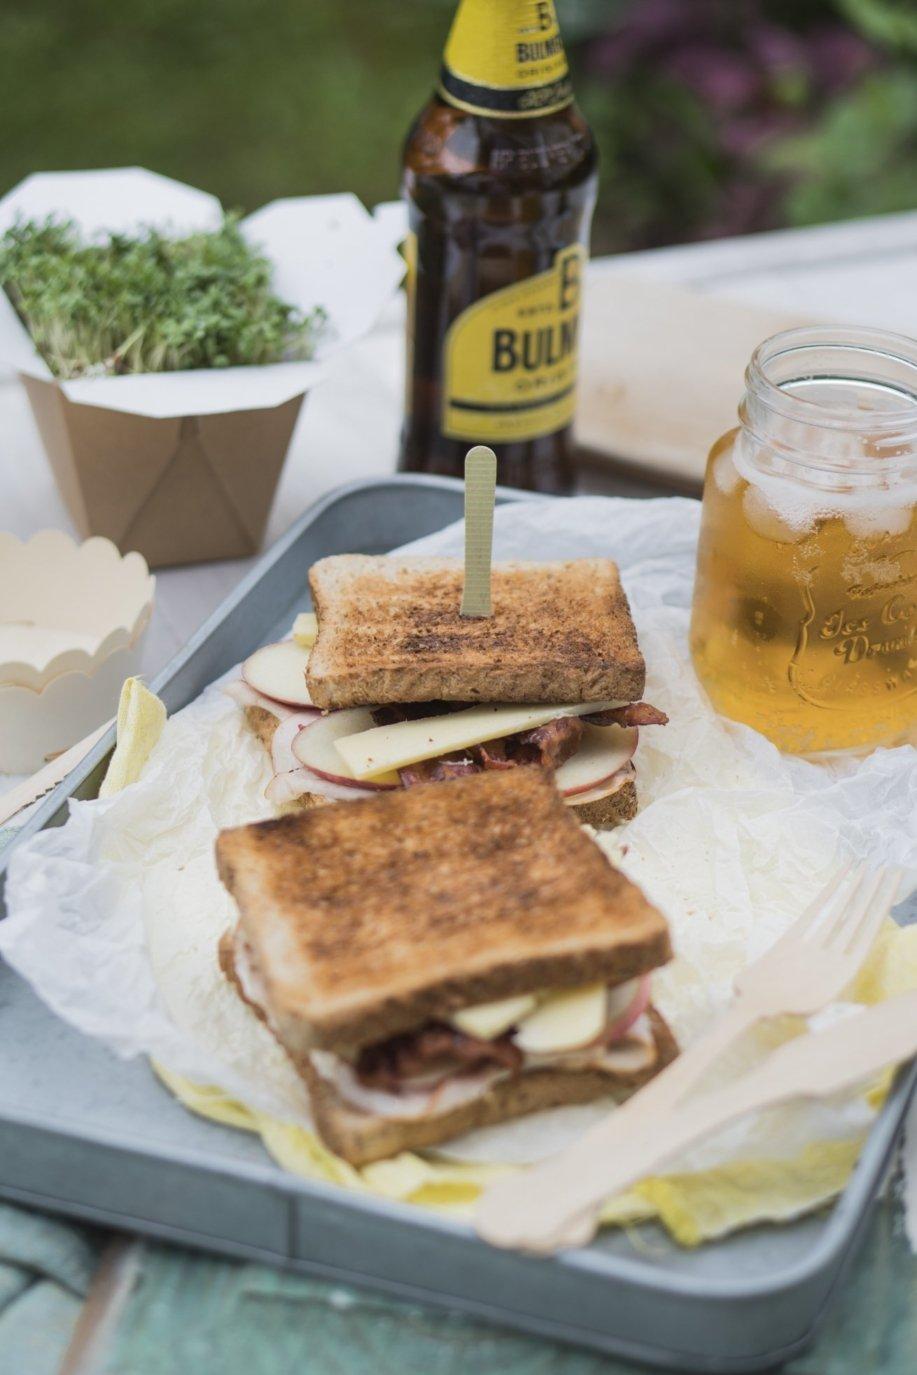 Gurkensandwich, Turkey Club Sandwich und Cider!